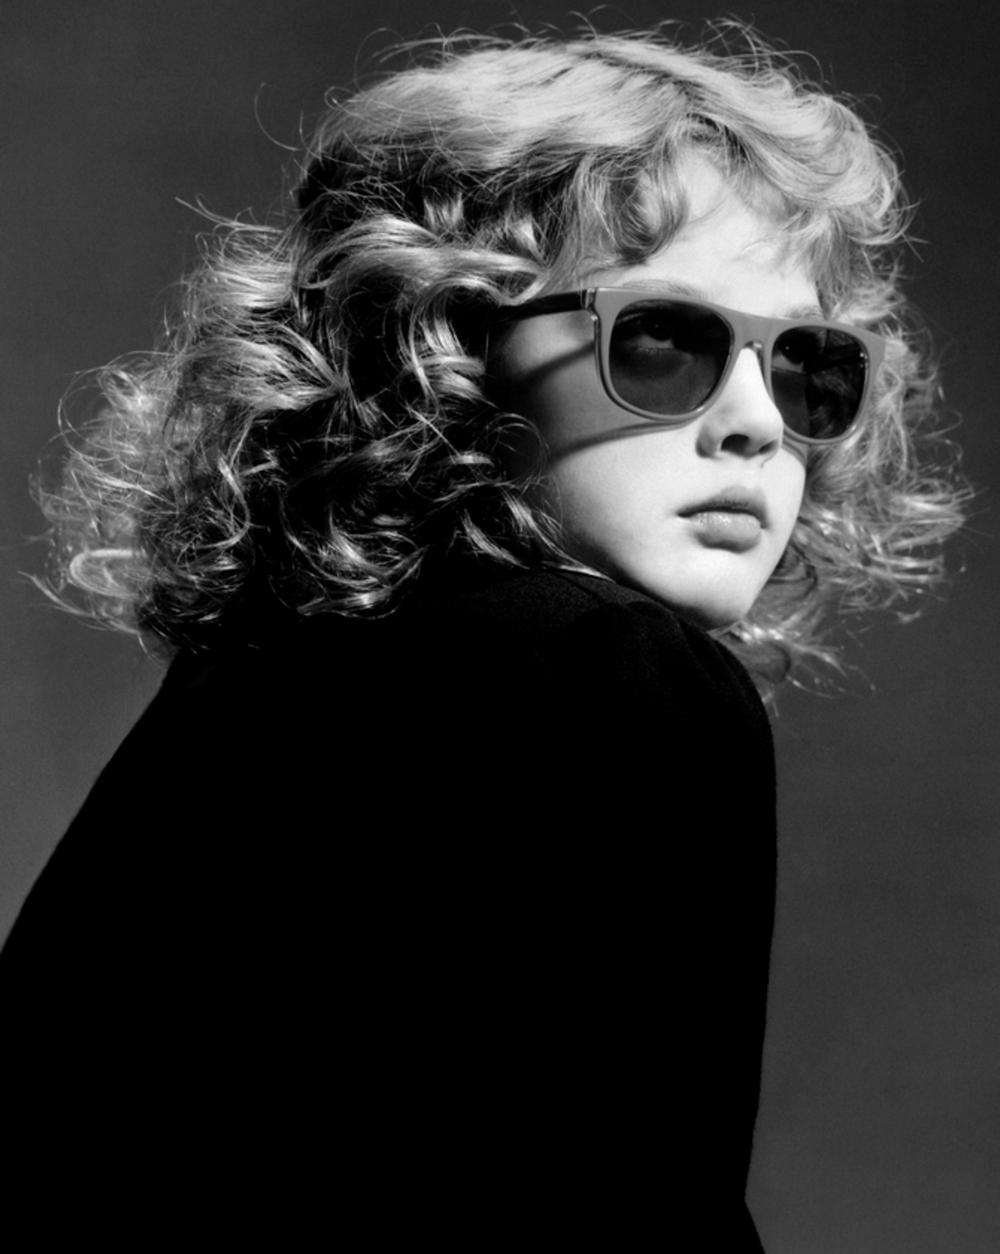 Грег Горман один из лучших в съёмке портретов знаменитостей и непревзойдённый мастер мужского ню 29